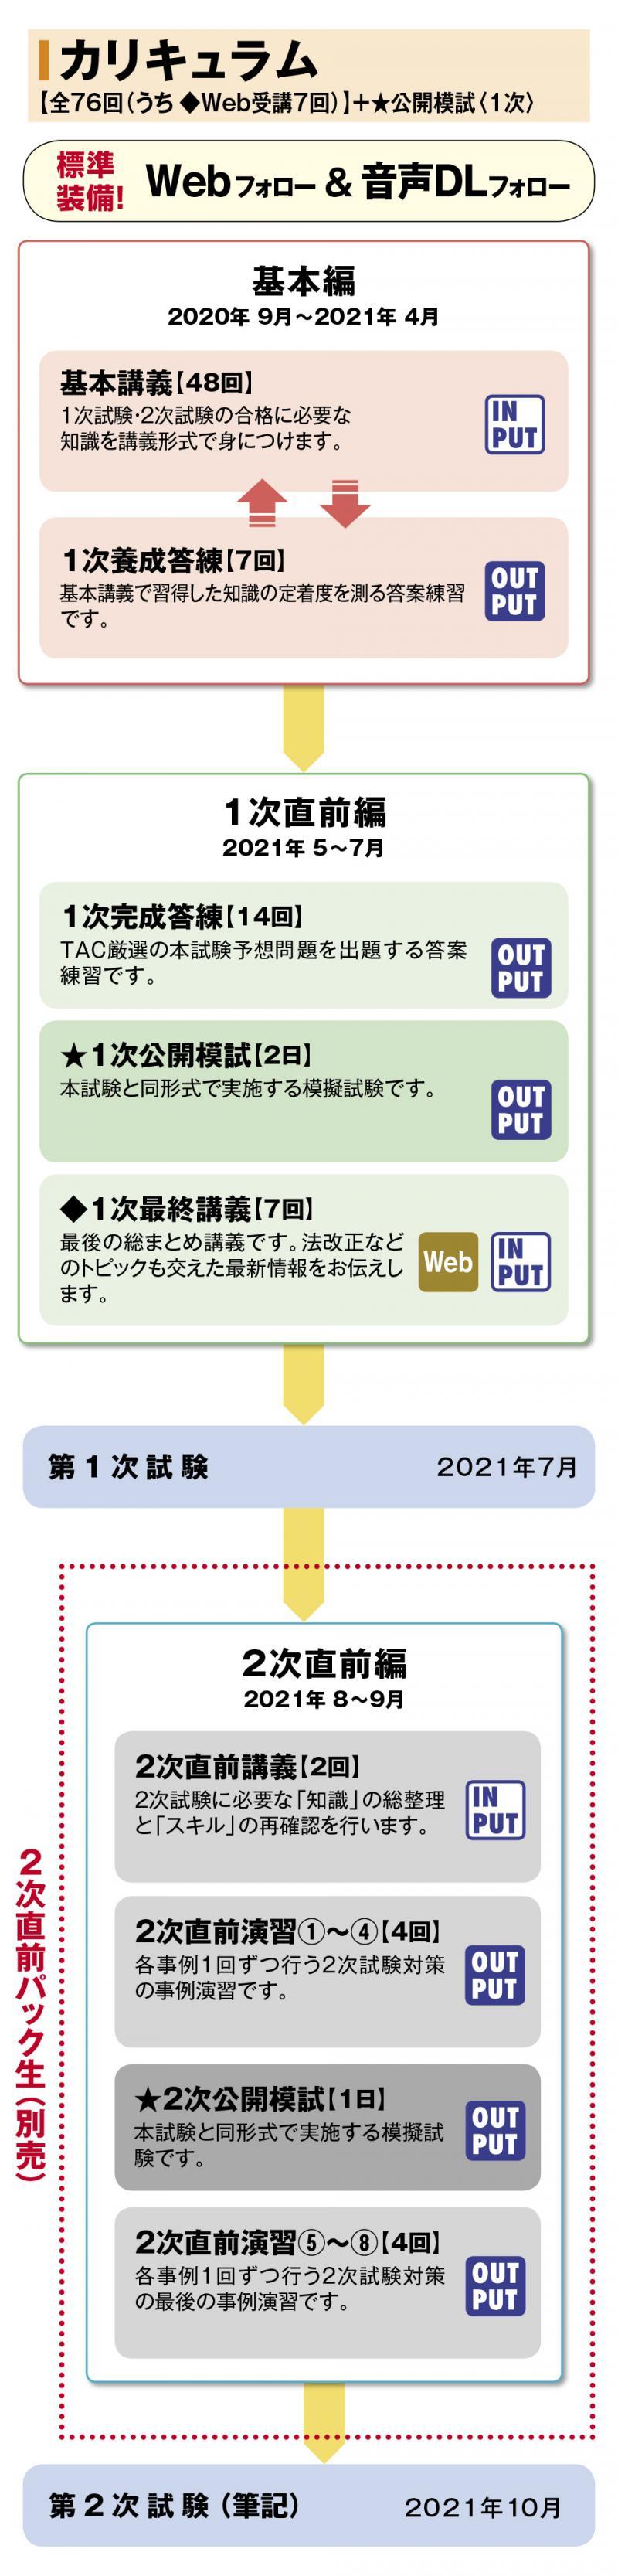 2021_1honka_cur.jpg